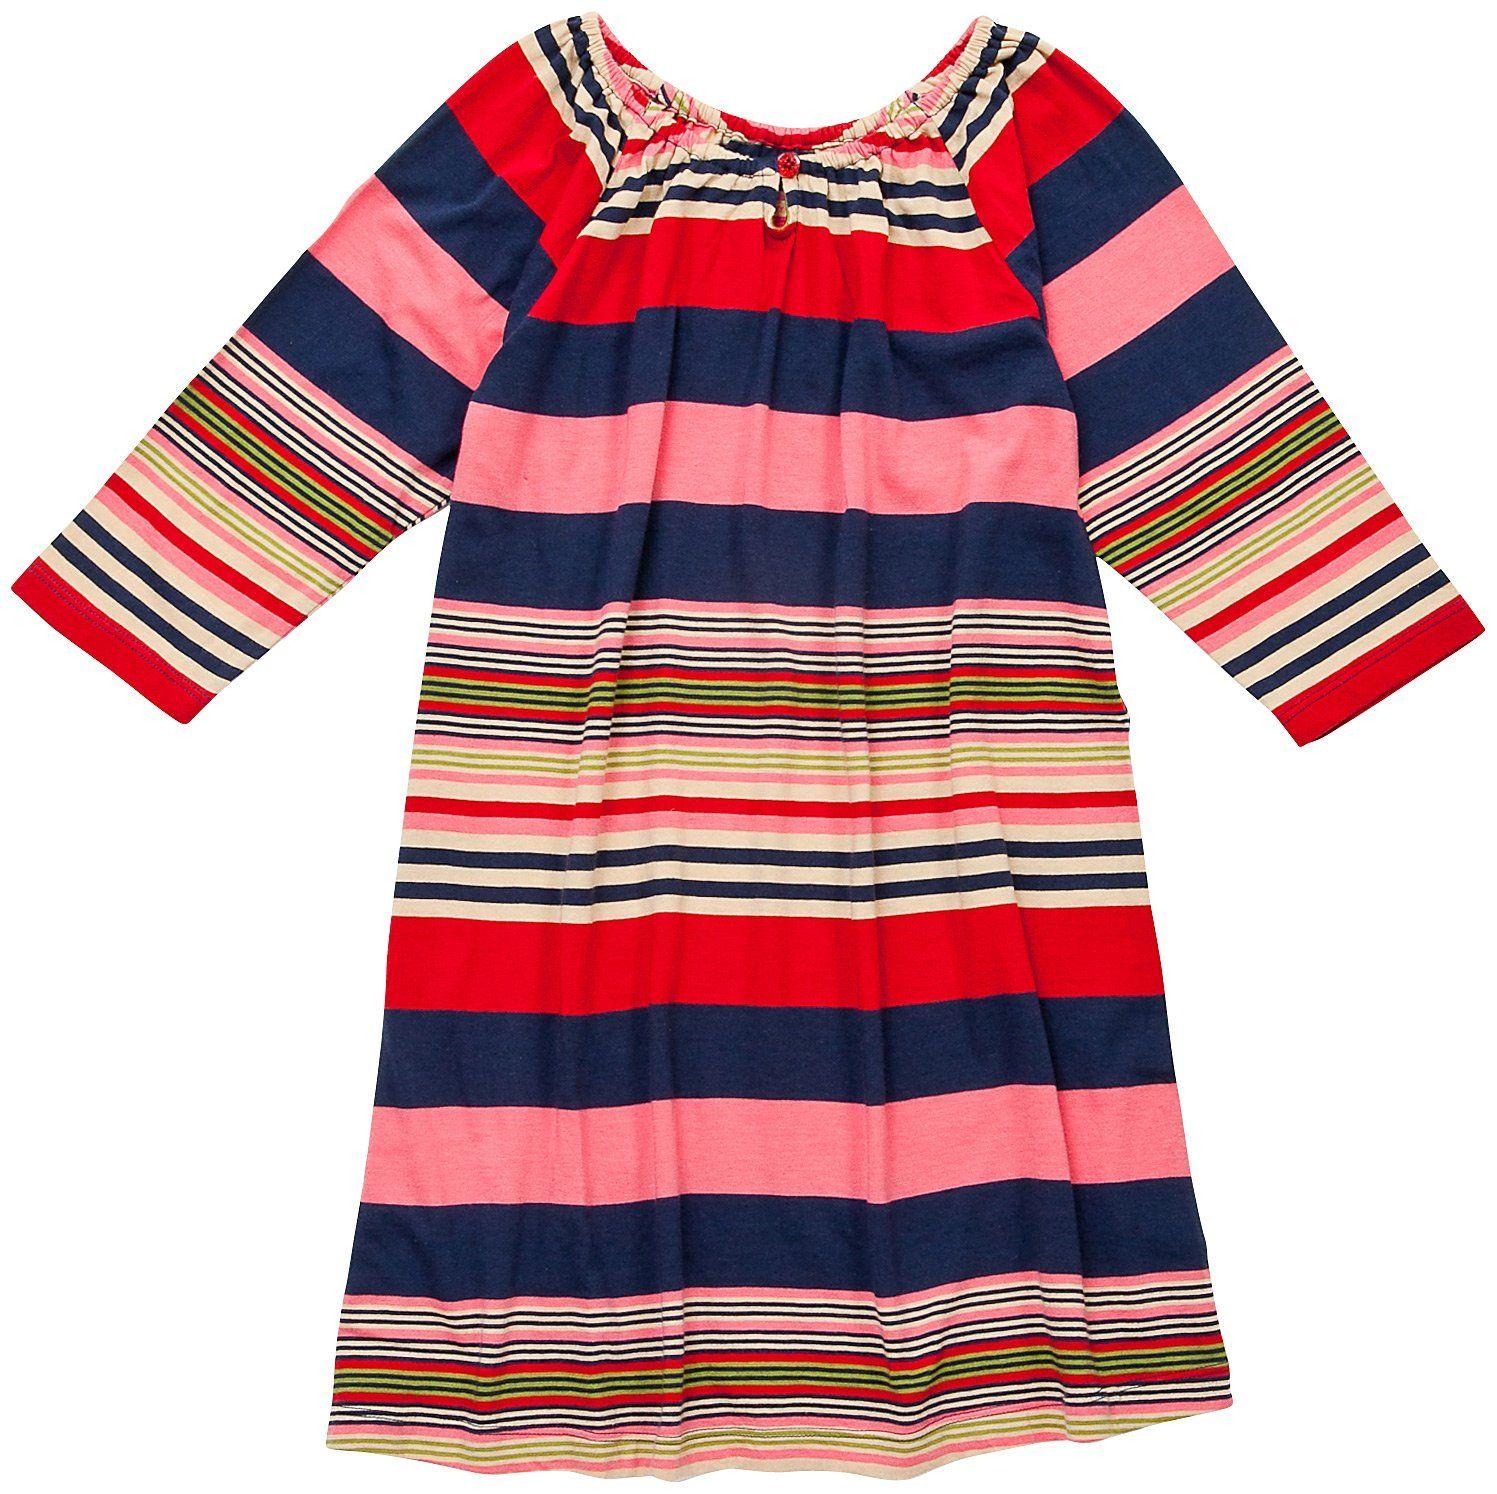 Pink Chicken Jenna Dress - Variagated Stripe - Best Price